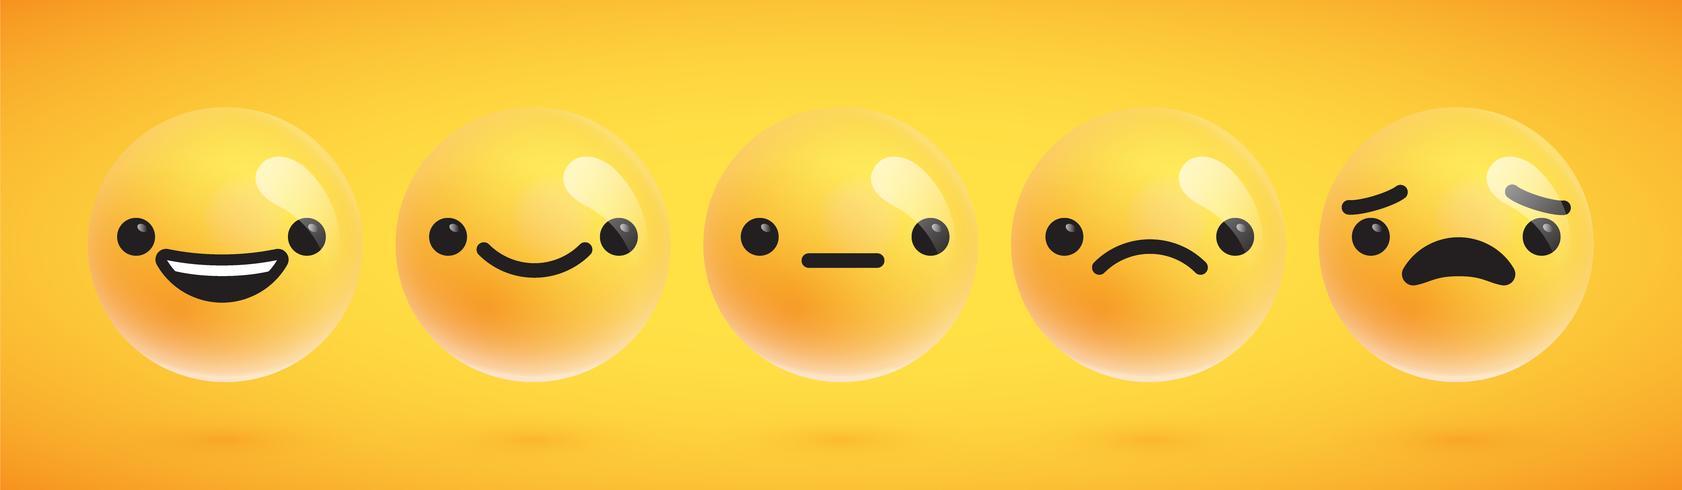 Fünf nette hoch-ausführliche Emoticons für Netz, Vektorillustration